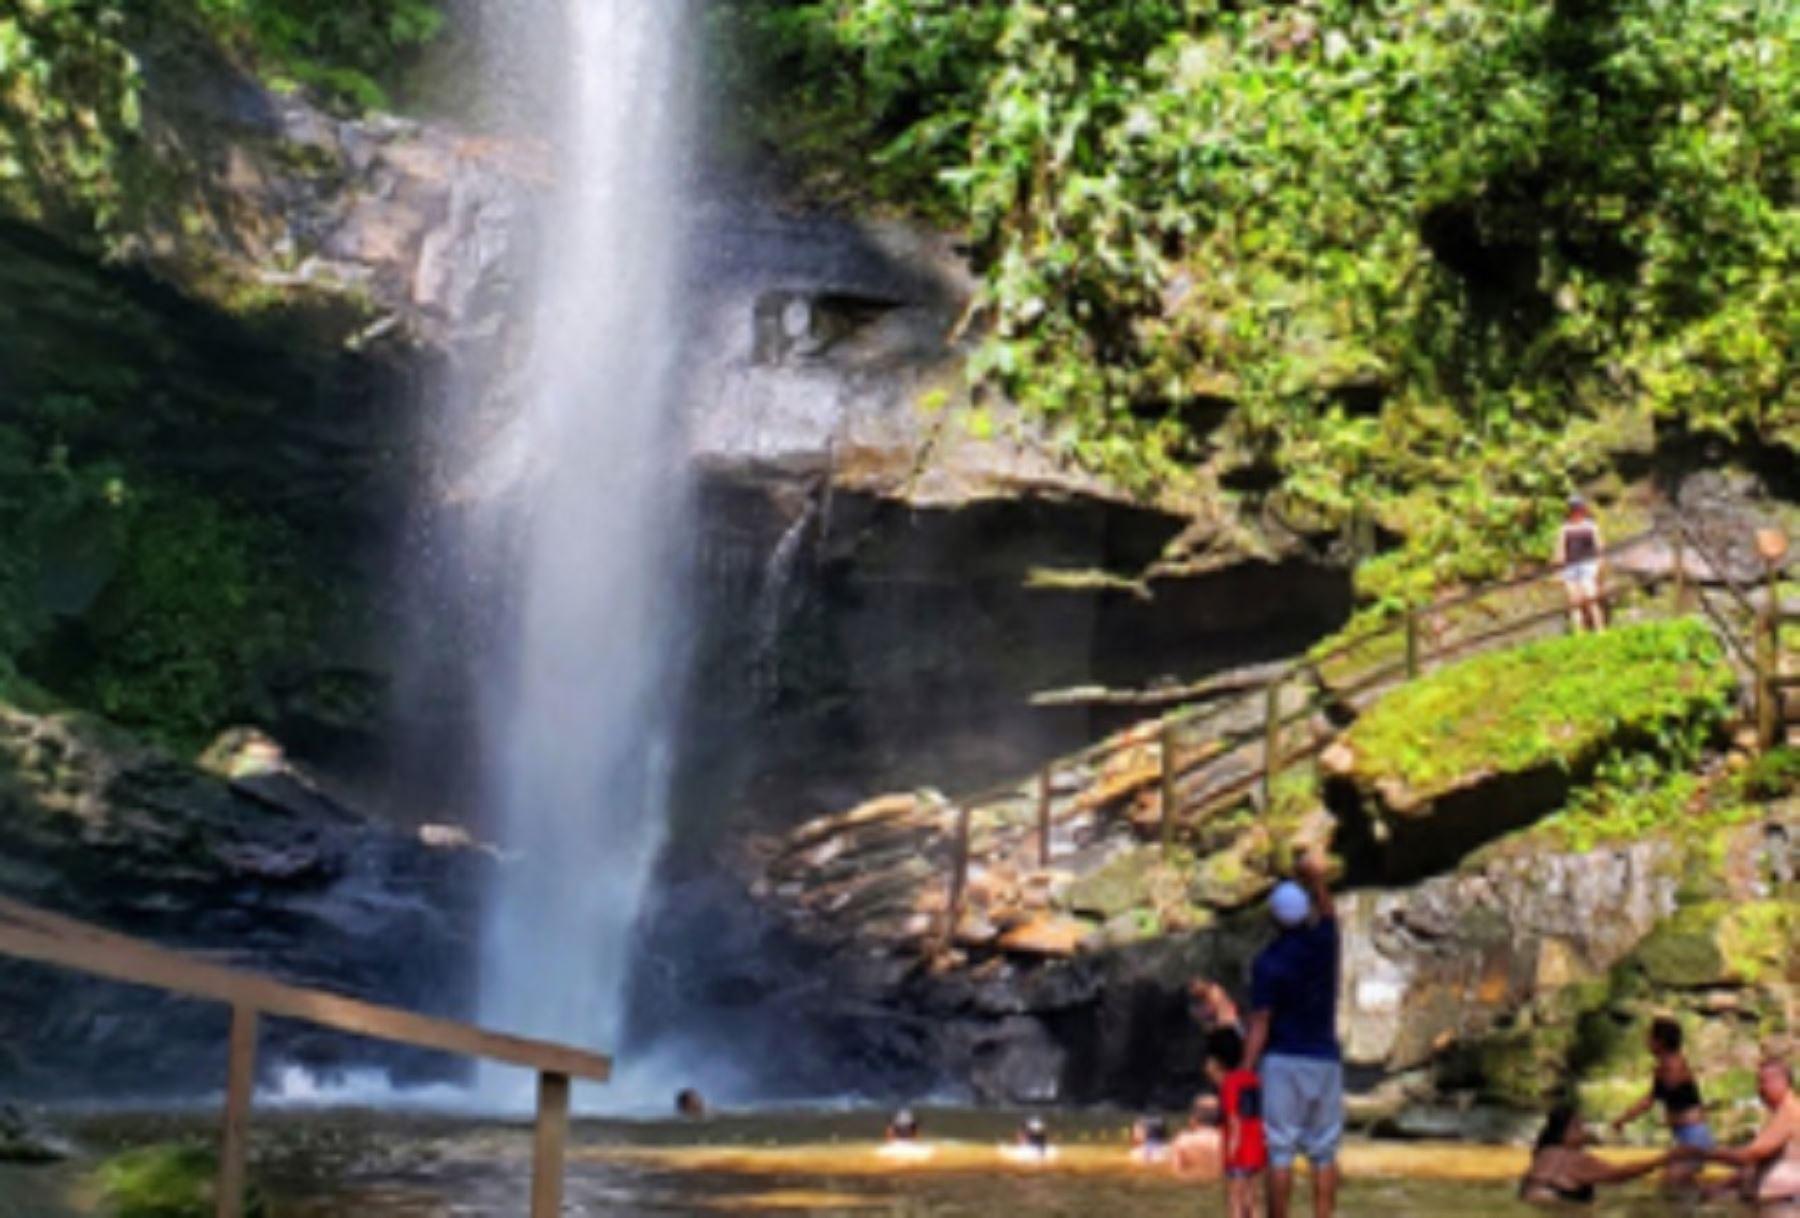 La catarata de Ahuashiyacu es uno de los destinos turísticos de la región San Martín llenos de encanto natural y que cuenta con el sello Safe Travels, que los certifica como bioseguro frente al covid-19 para garantizar una experiencia inolvidable. Foto: Promperú.